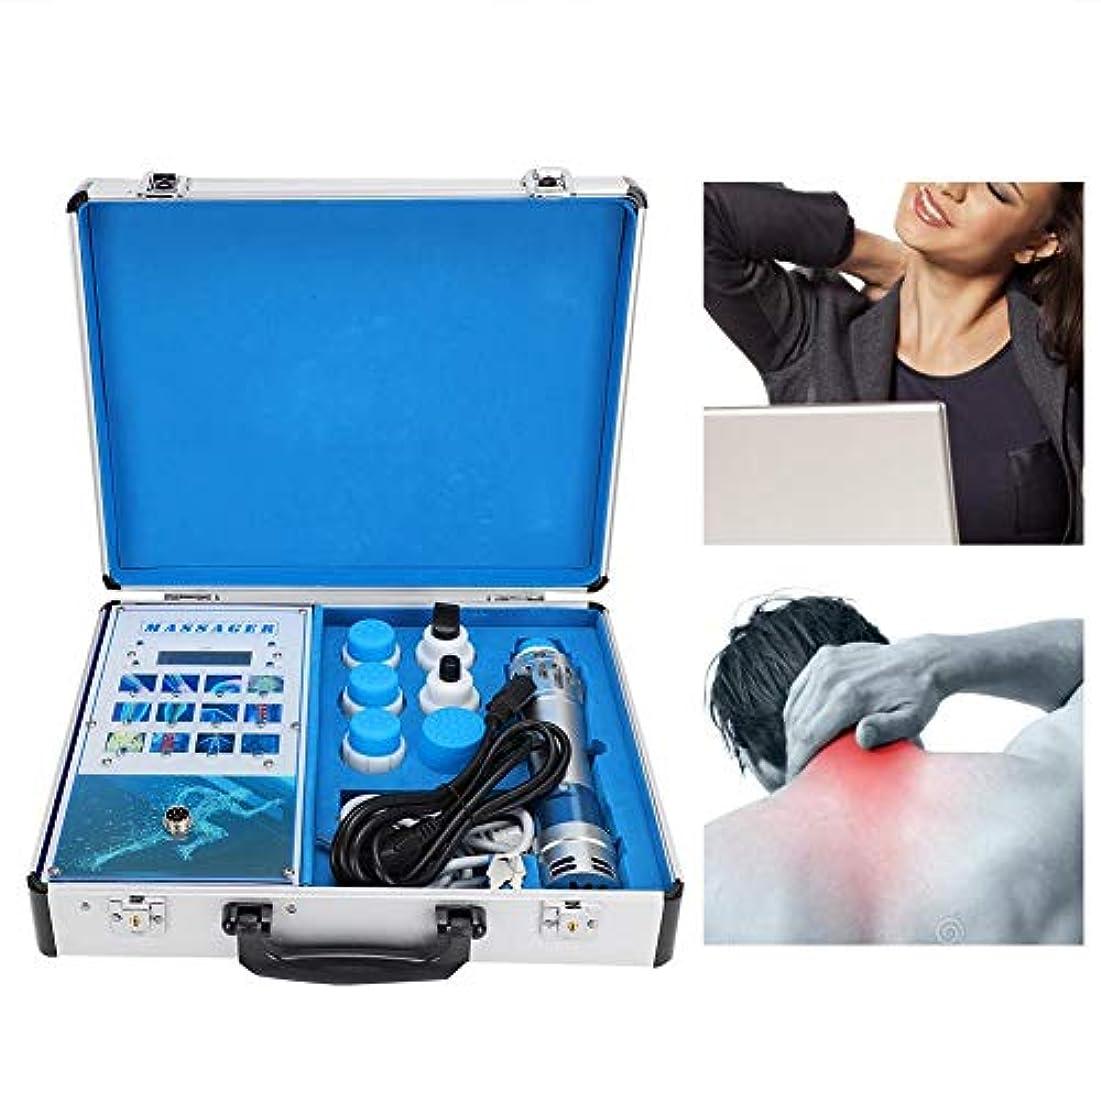 ノミネートただフライト疼痛緩和マッサージ器、ハンドヘルド19ED電磁体外衝撃波機械FDA承認(USプラグ110V)